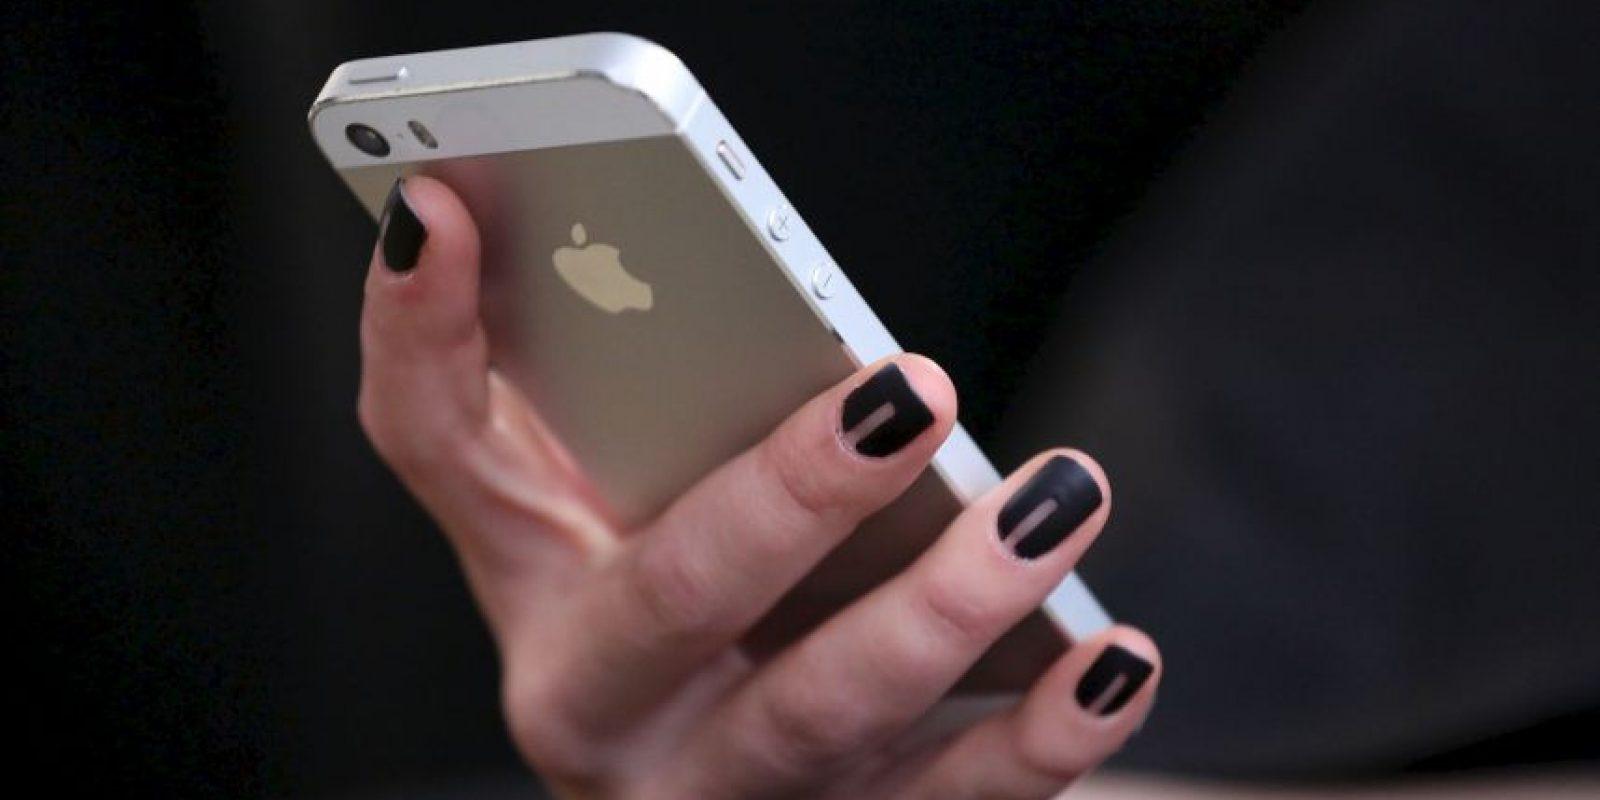 Lo que desecharía la posibilidad de ver un modelo 6s o 6s Plus Foto:Getty Images